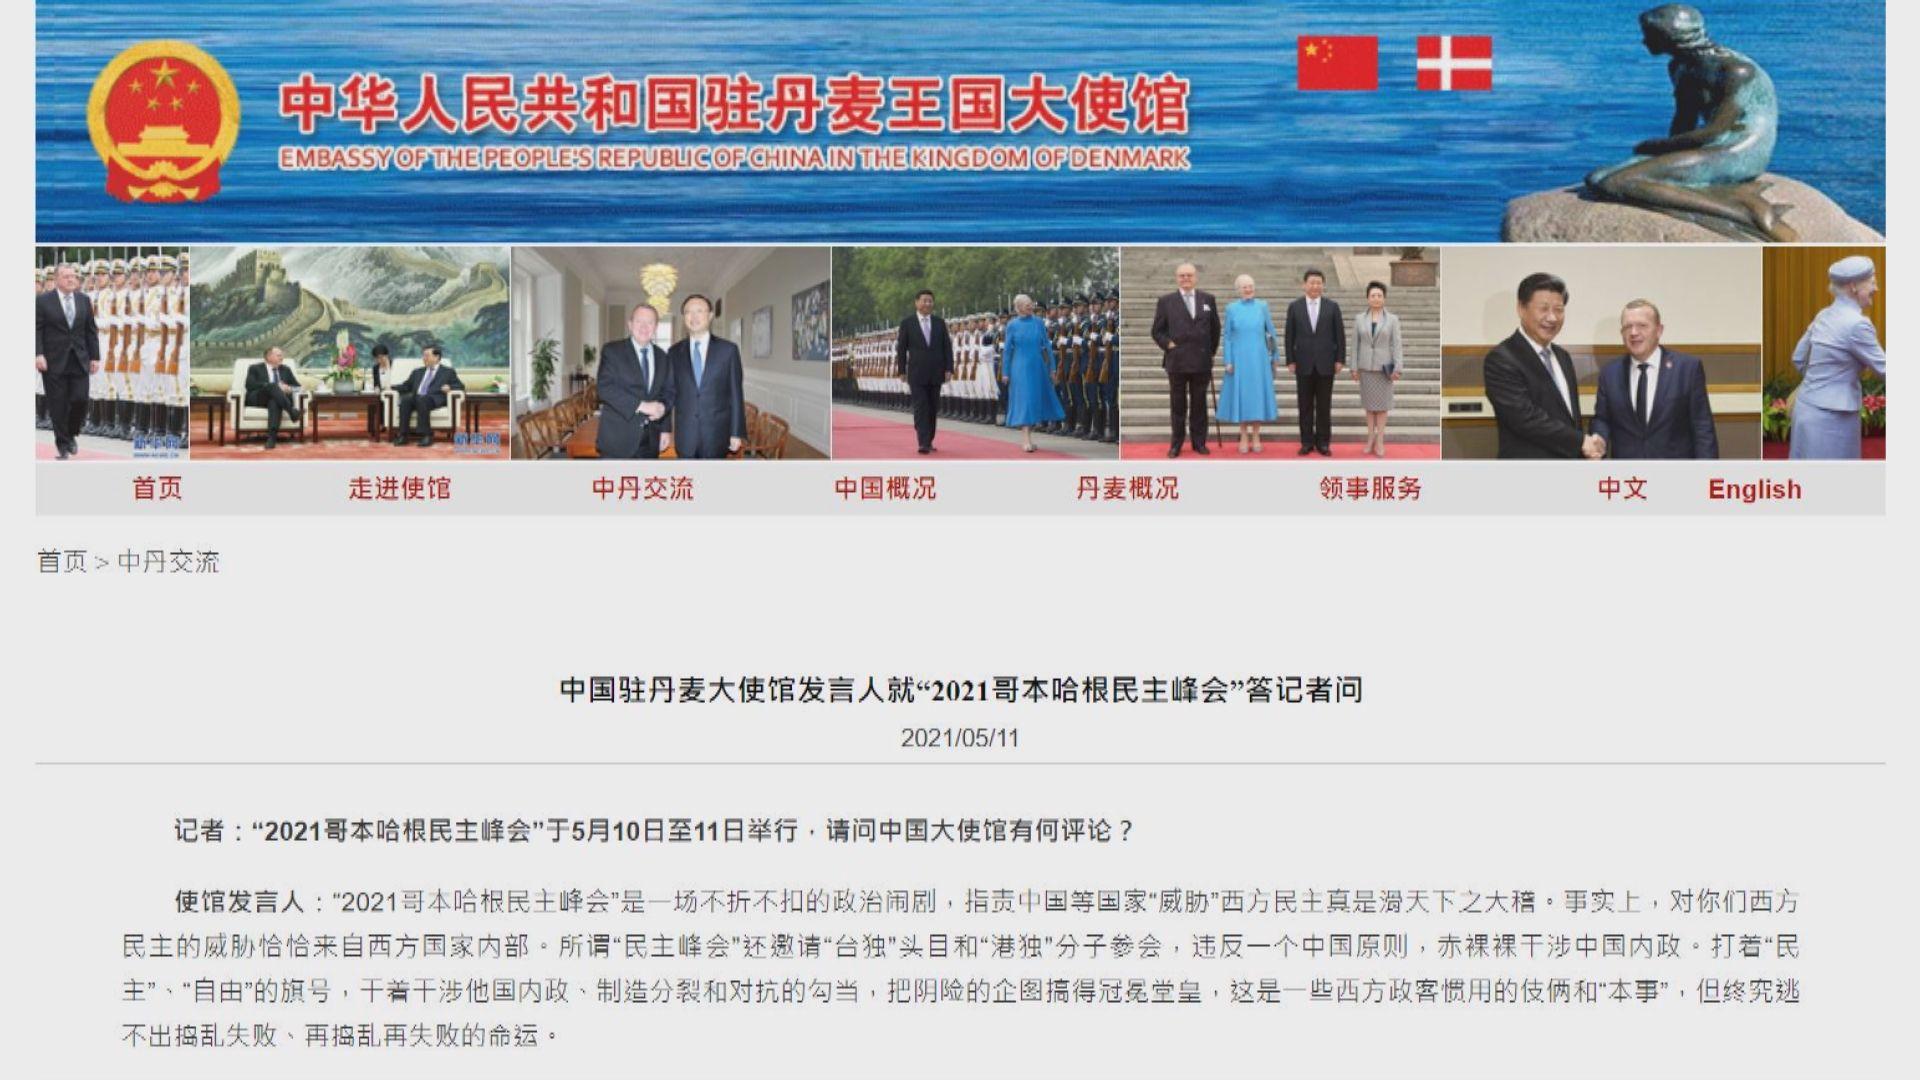 中國駐丹麥大使館批評峰會是政治鬧劇